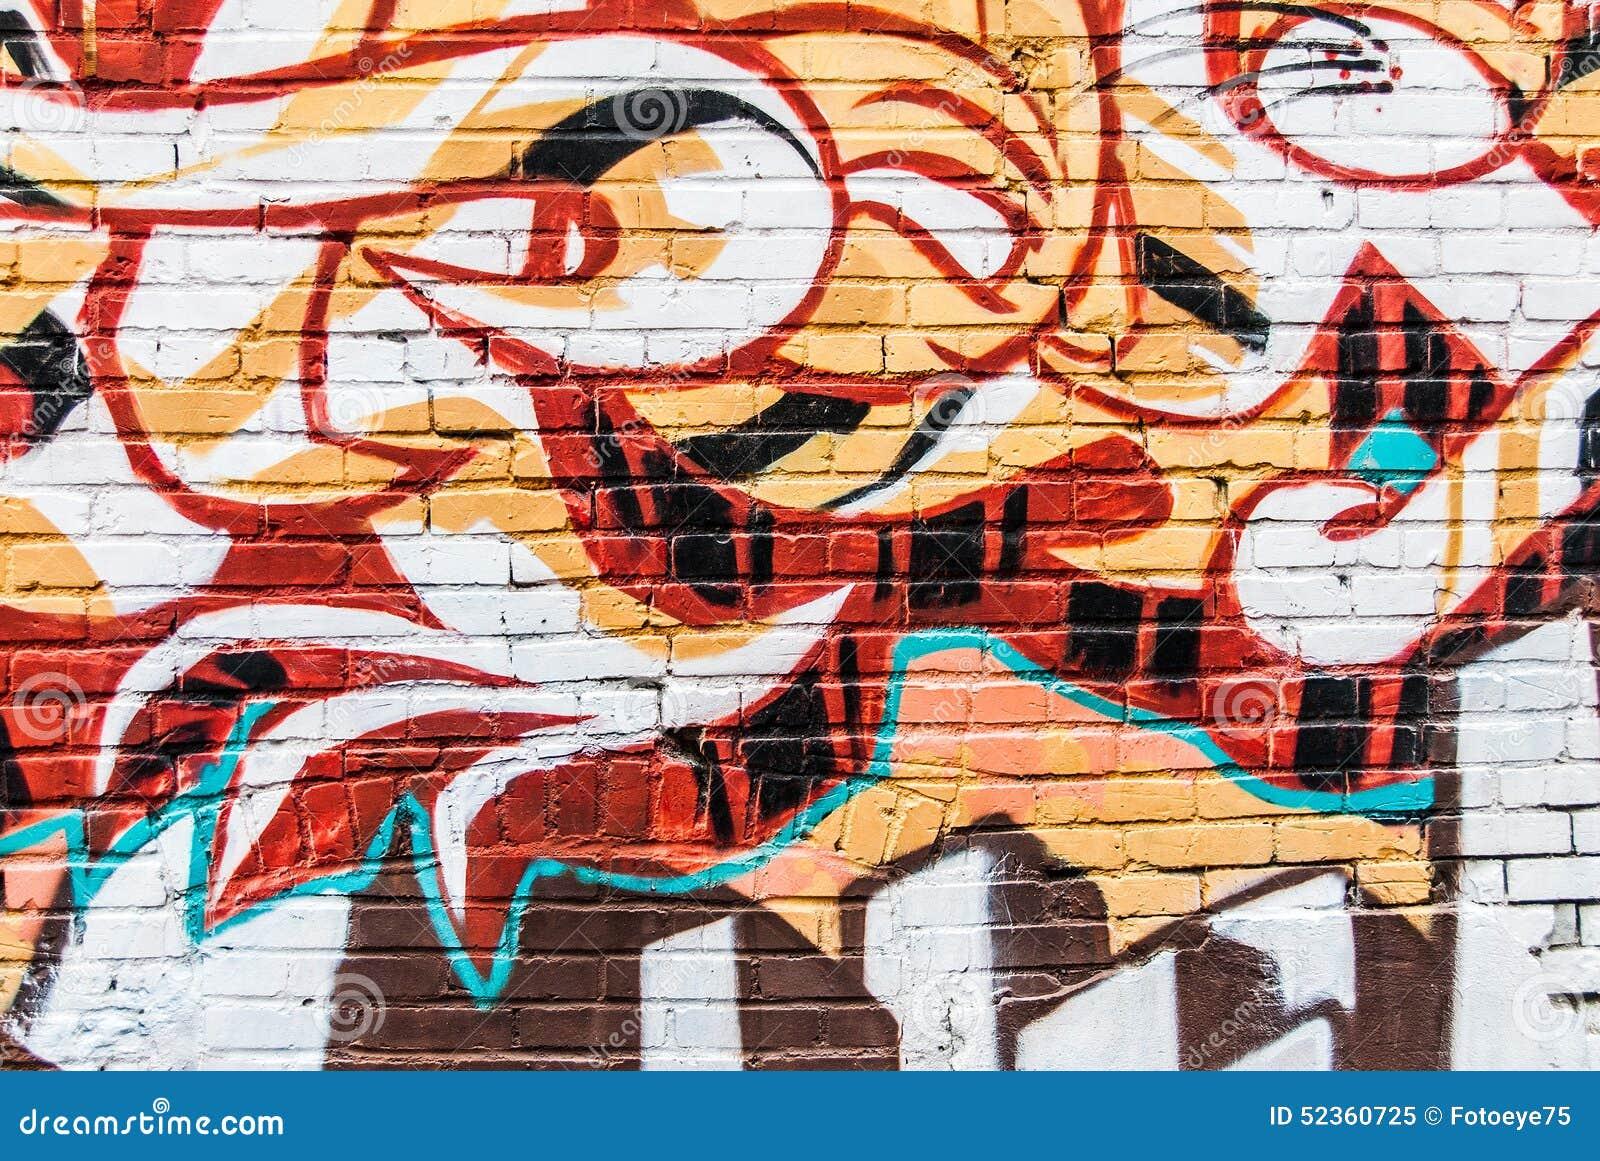 Graffiti Wall Stock Photo Image 52360725